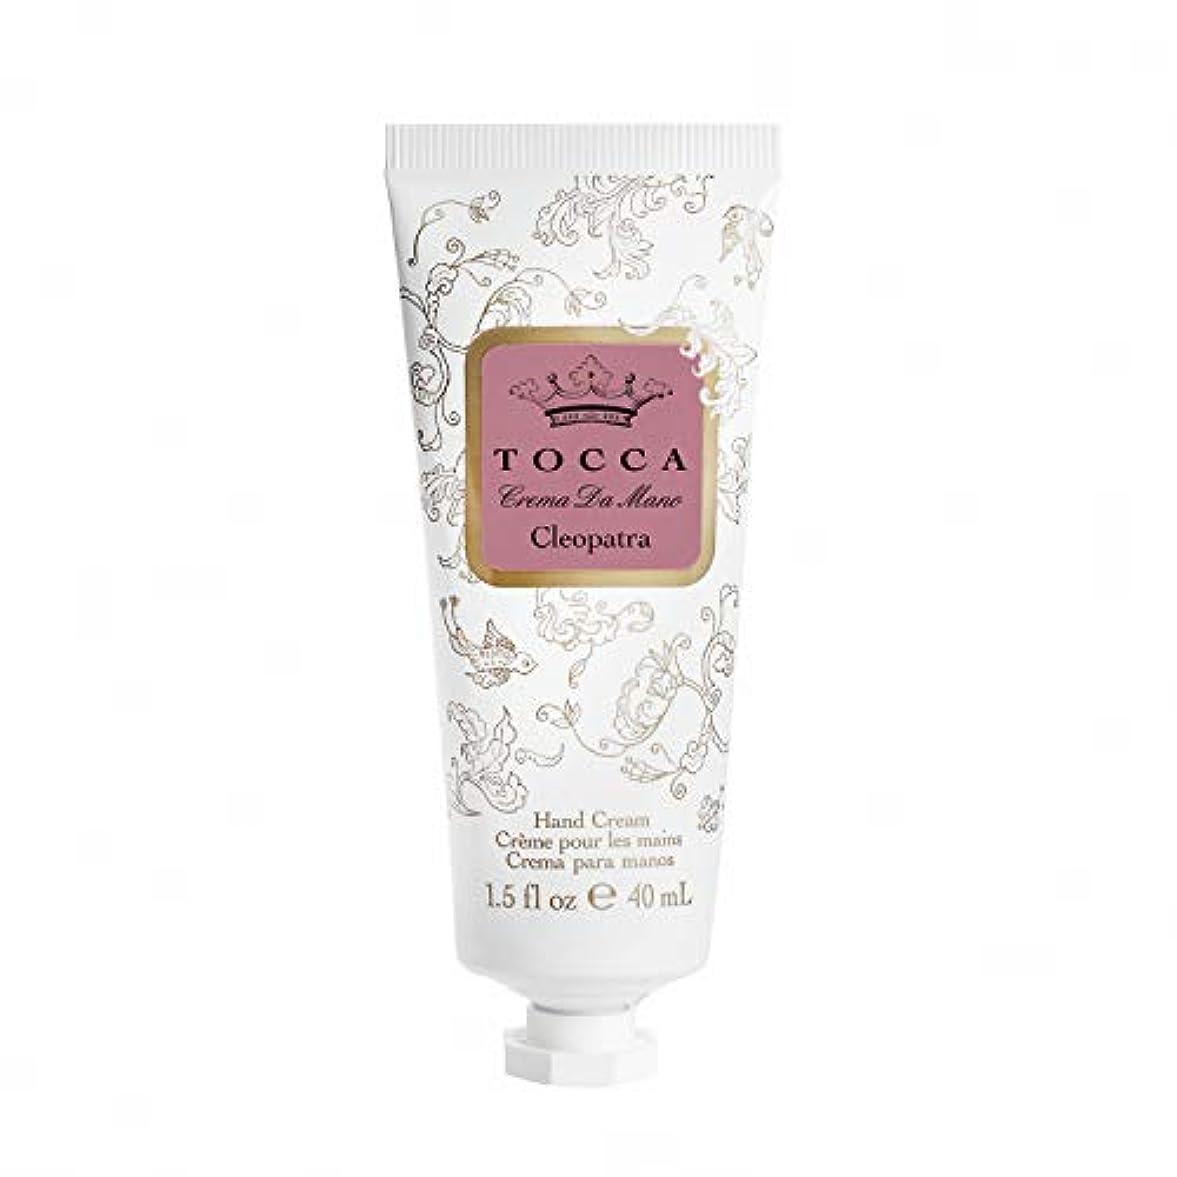 ネイティブ買収死んでいるトッカ(TOCCA) ハンドクリーム クレオパトラの香り 40mL (手指用保湿 グレープフルーツとキューカンバーのフレッシュな香り)